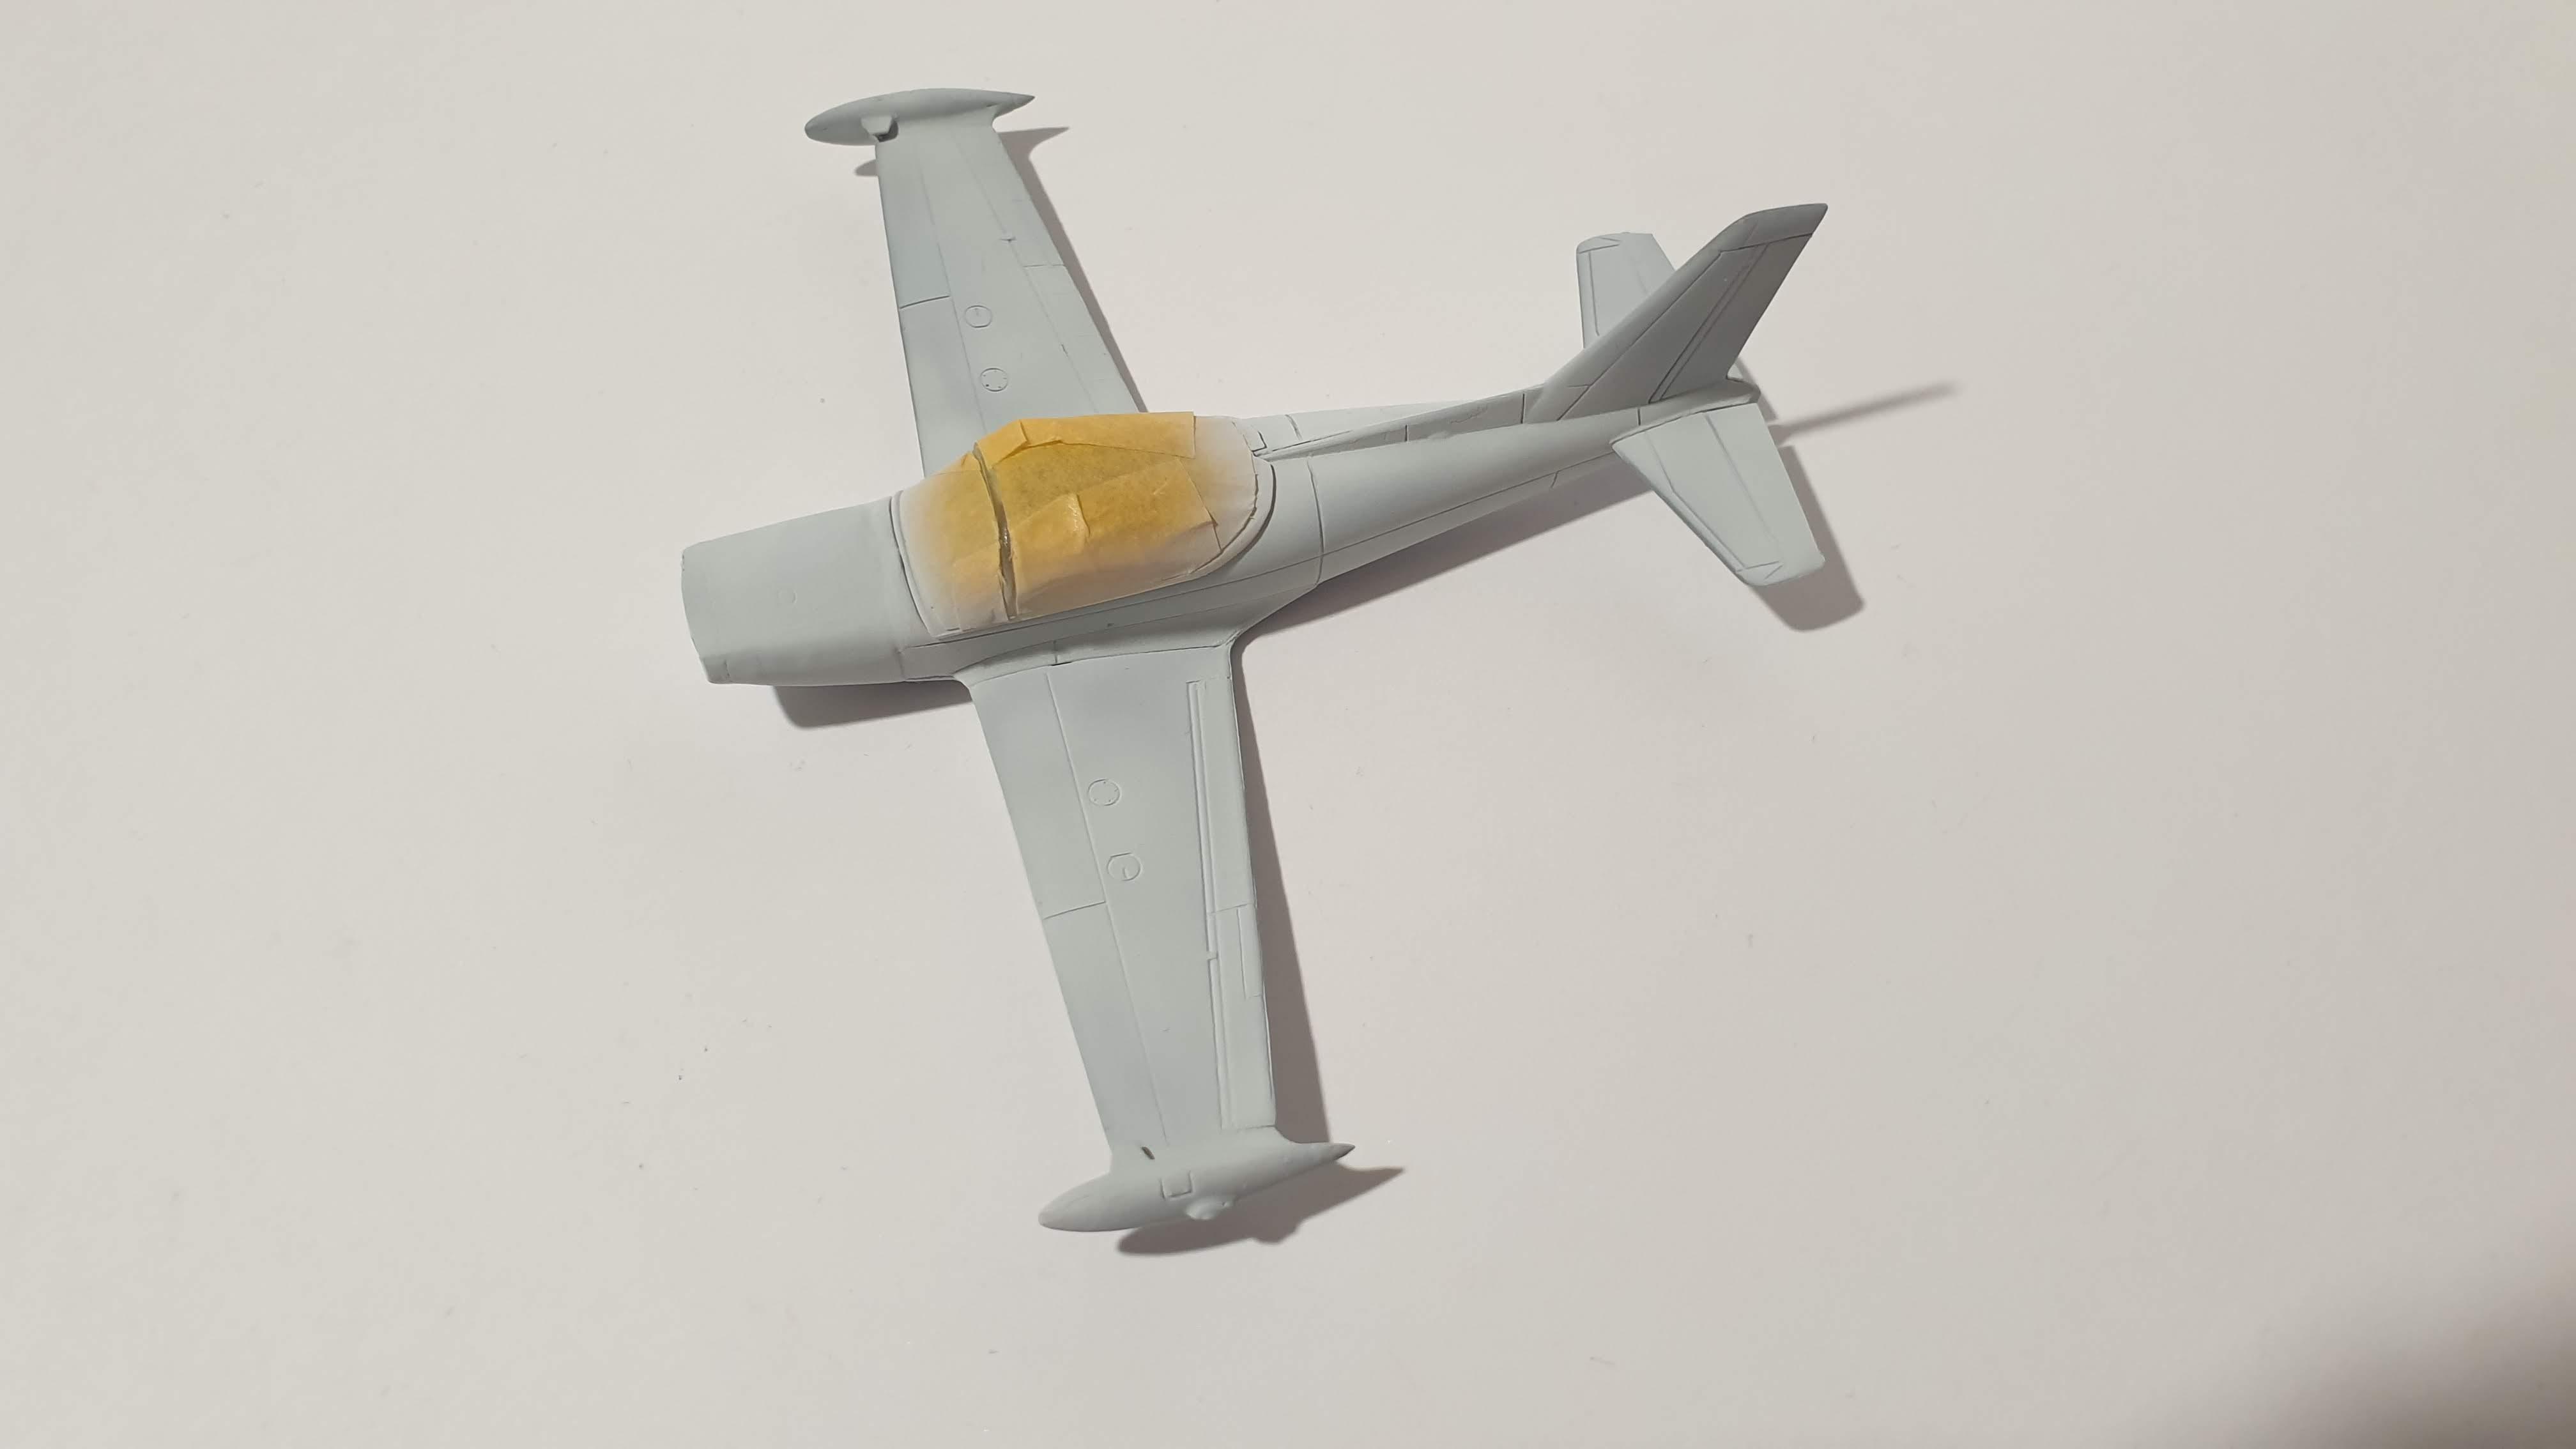 [KP] SIAI Marchetti SF-260D/M  20201204_201046